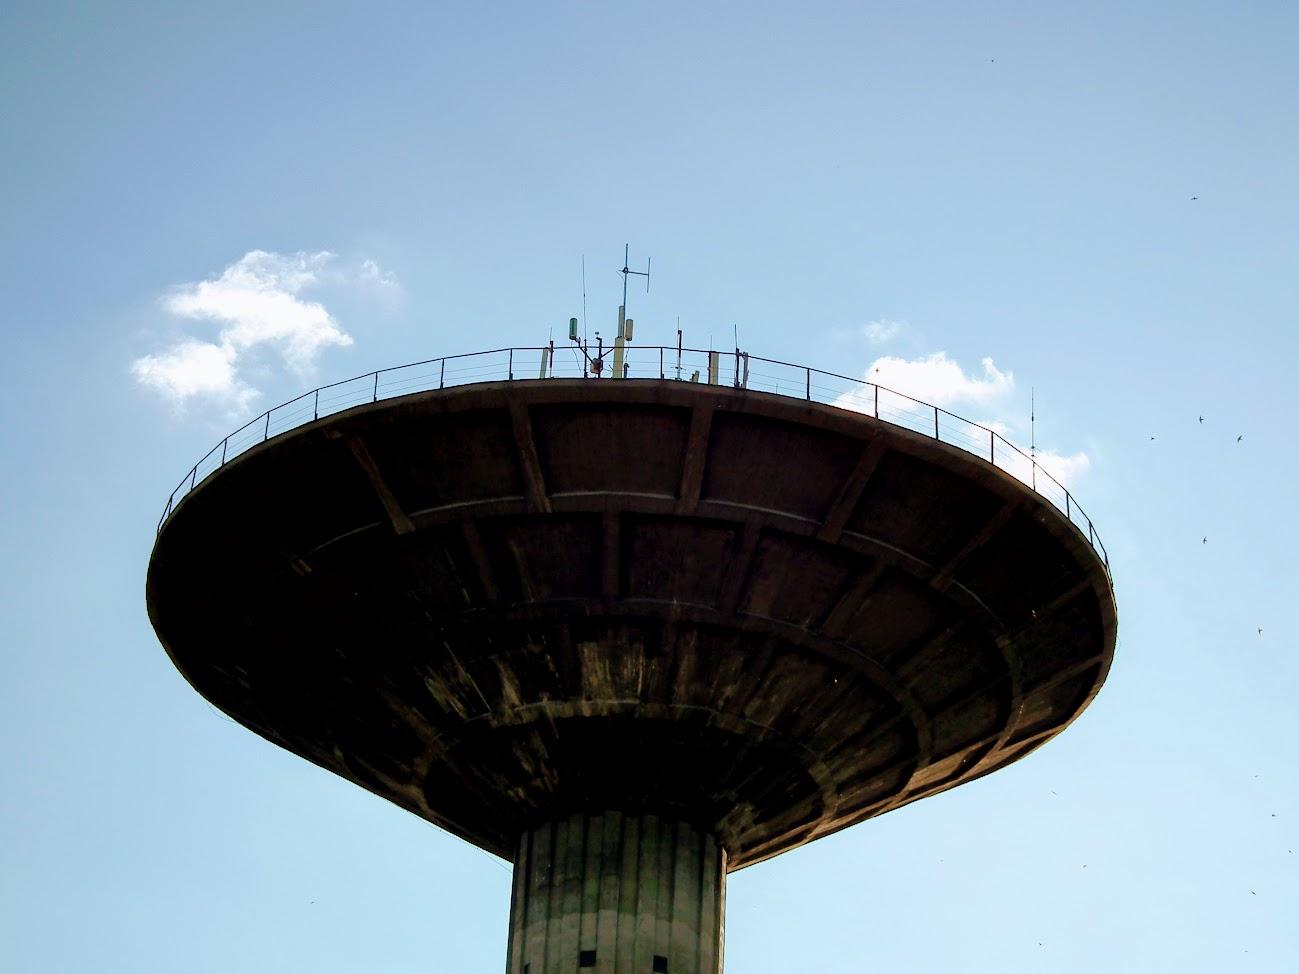 Csongrád/víztorony - helyi URH-FM+DVB-T adóállomás